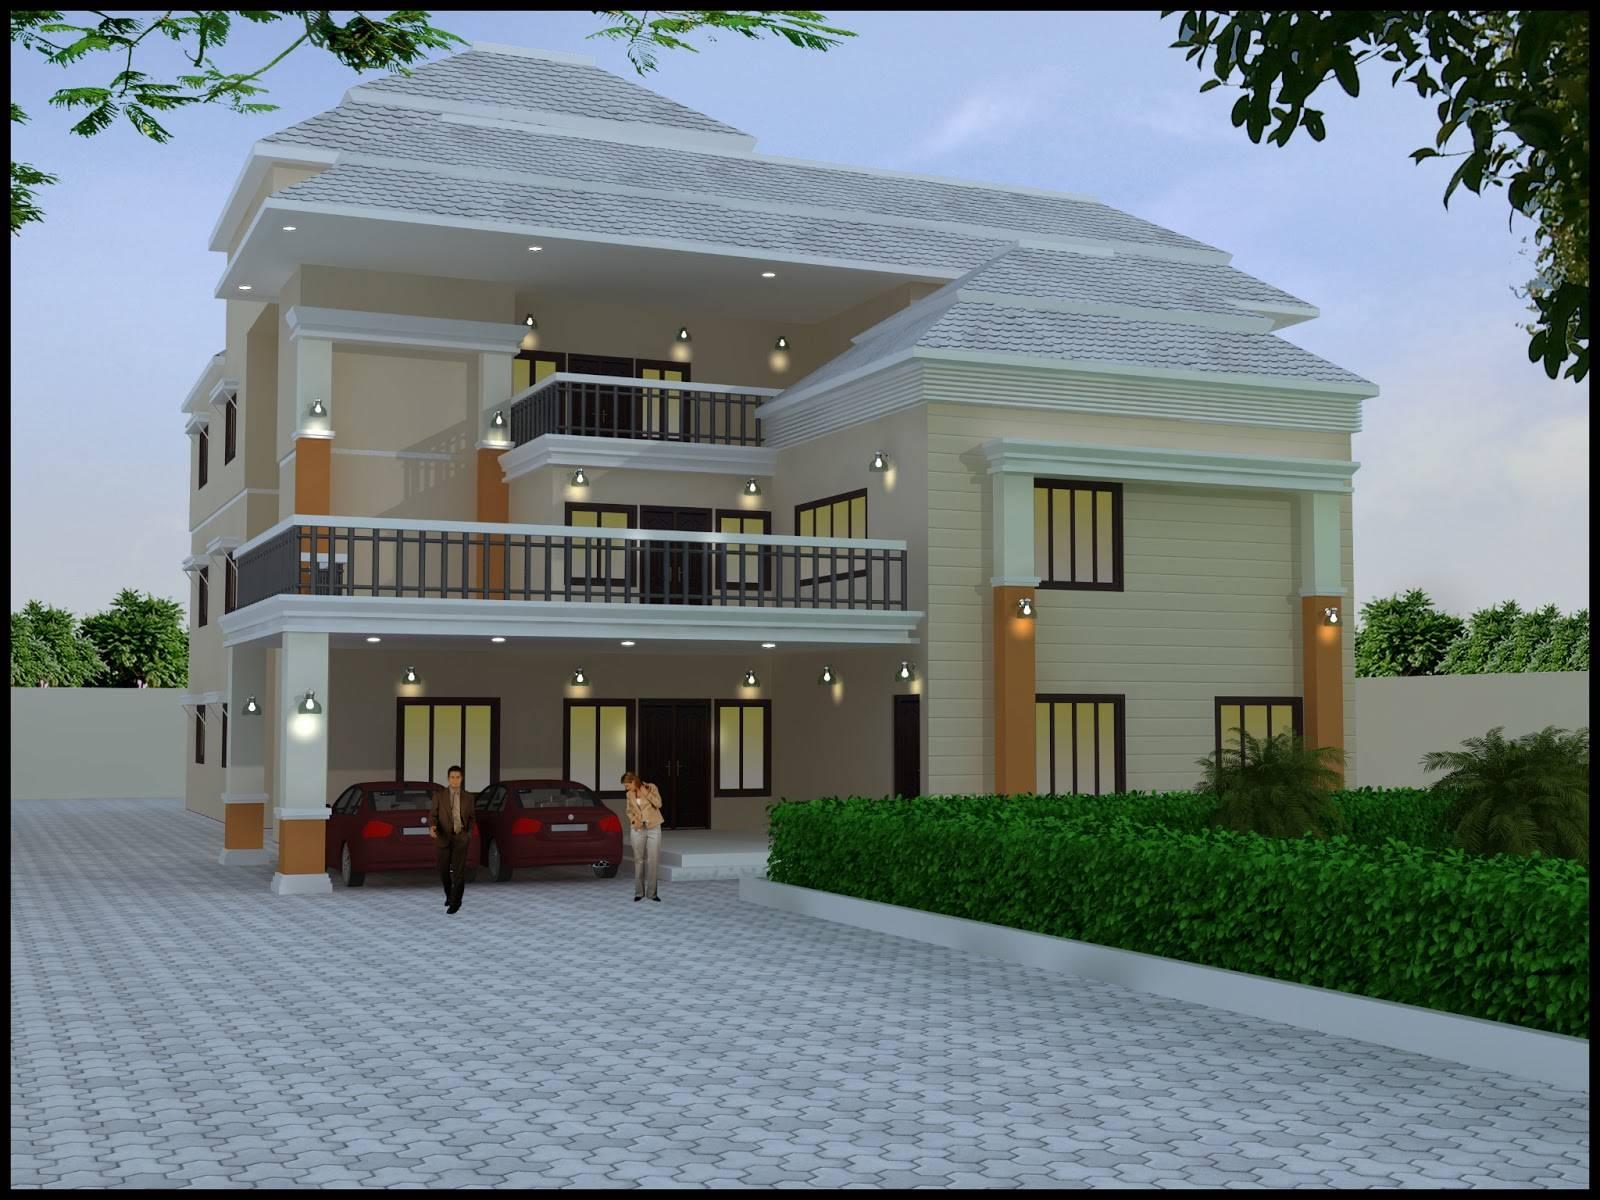 Jamaique Design Interieur Idees De Decoration Idees De Jamaican - Best architecture home design